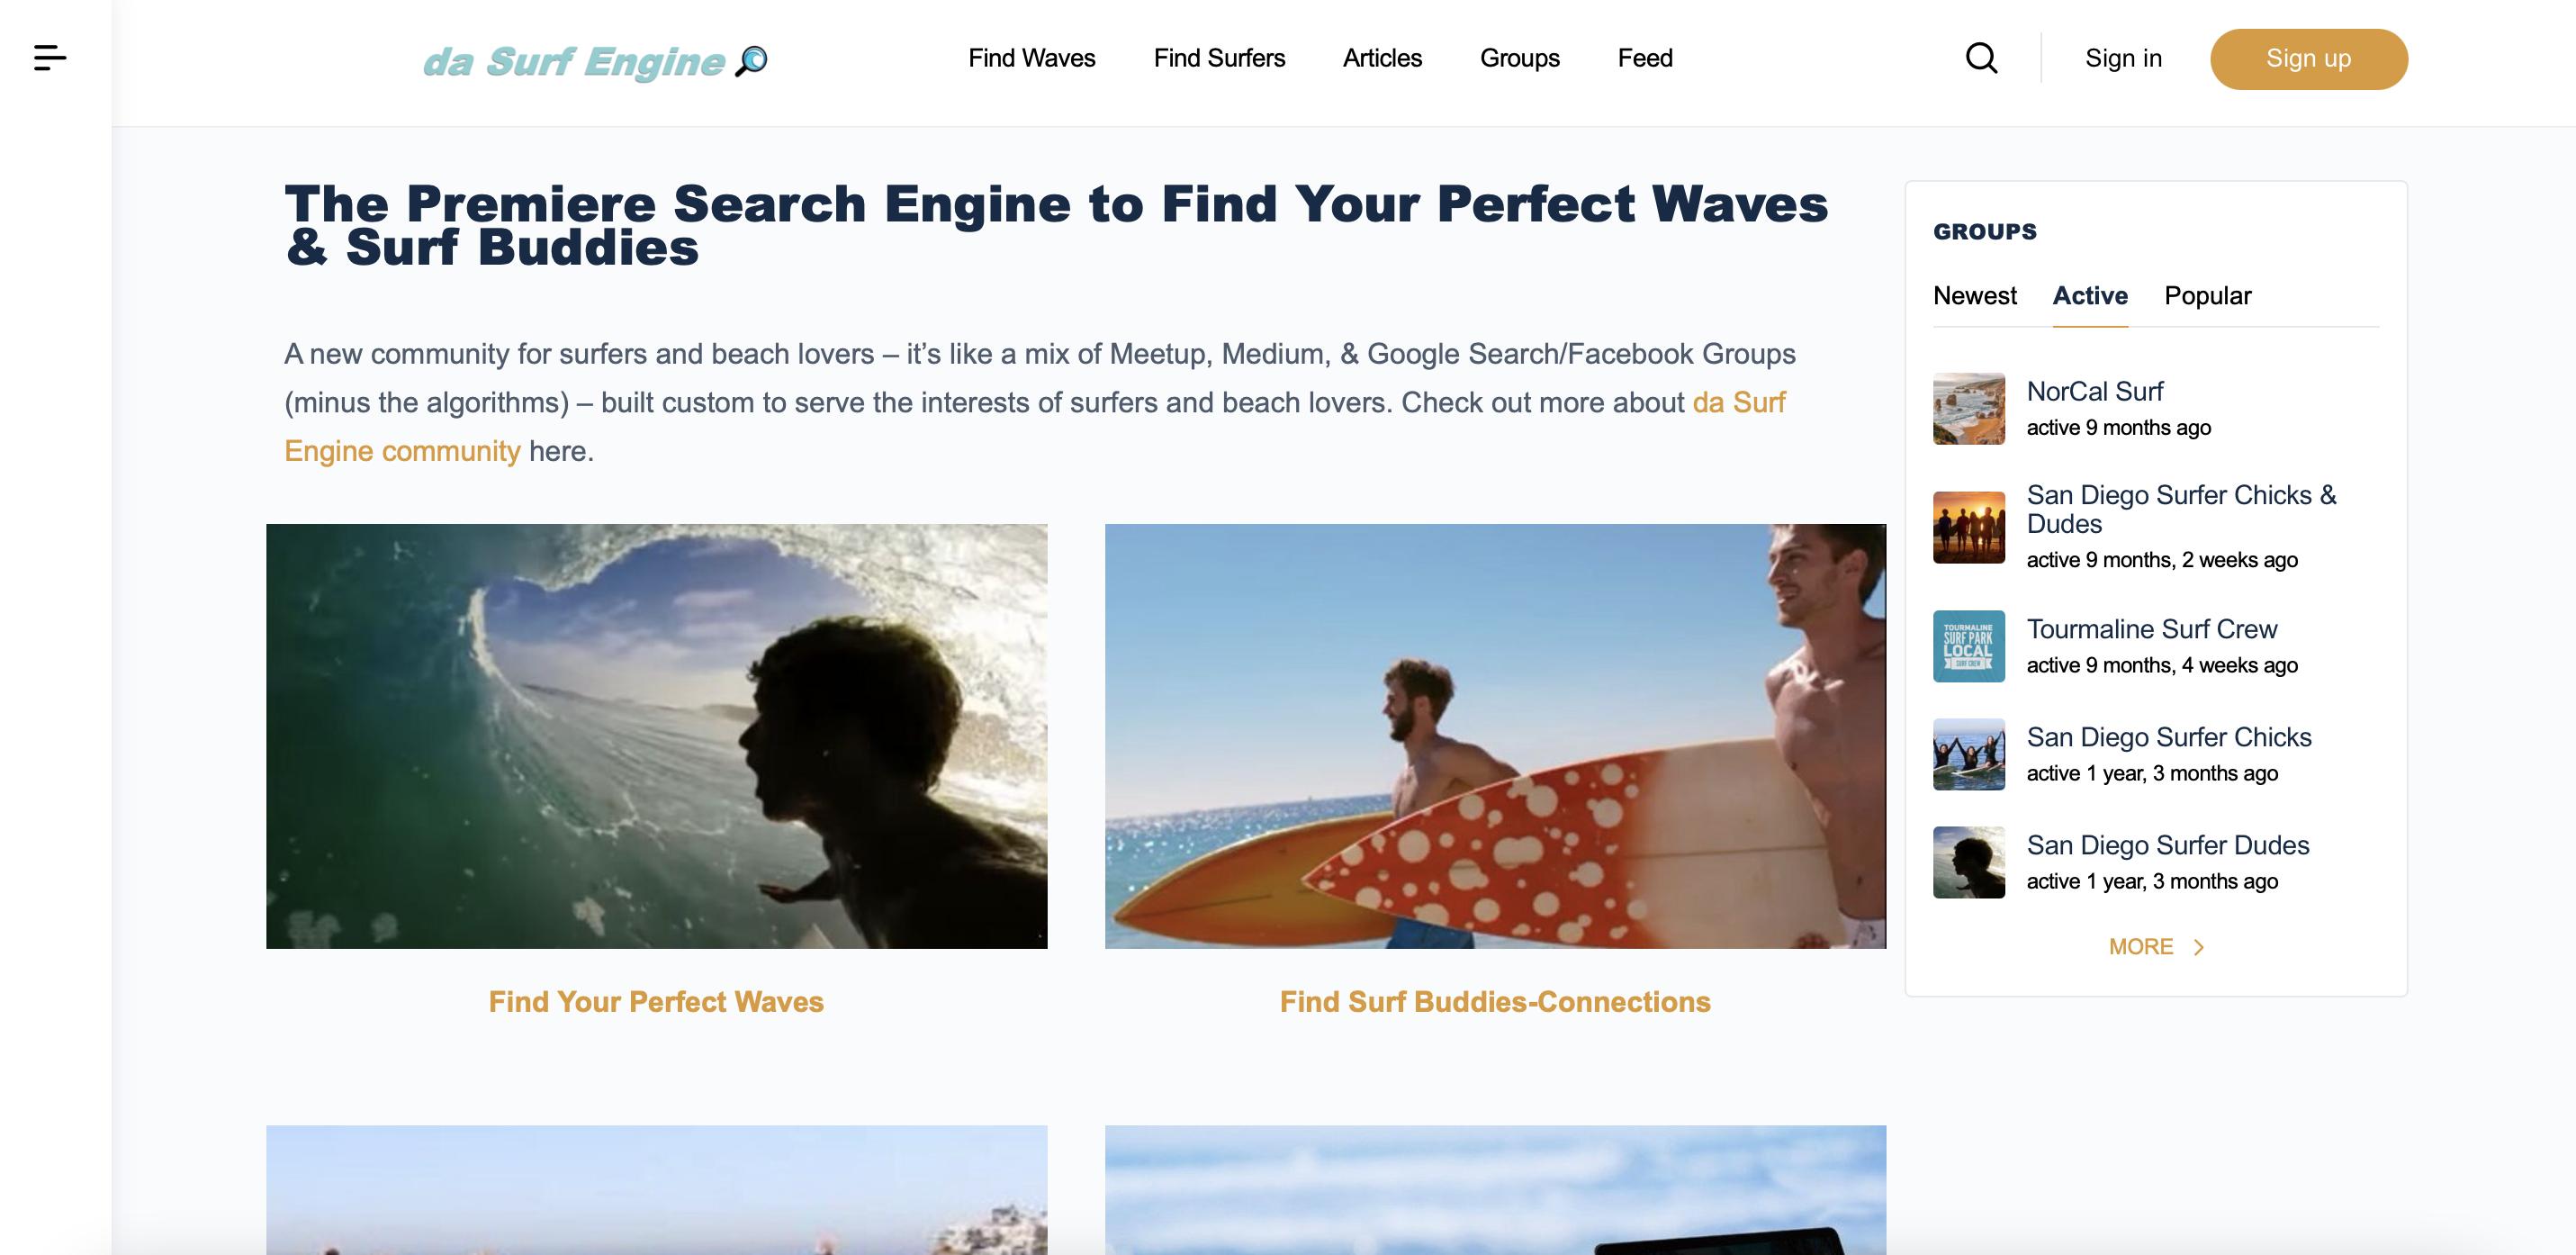 da surf engine